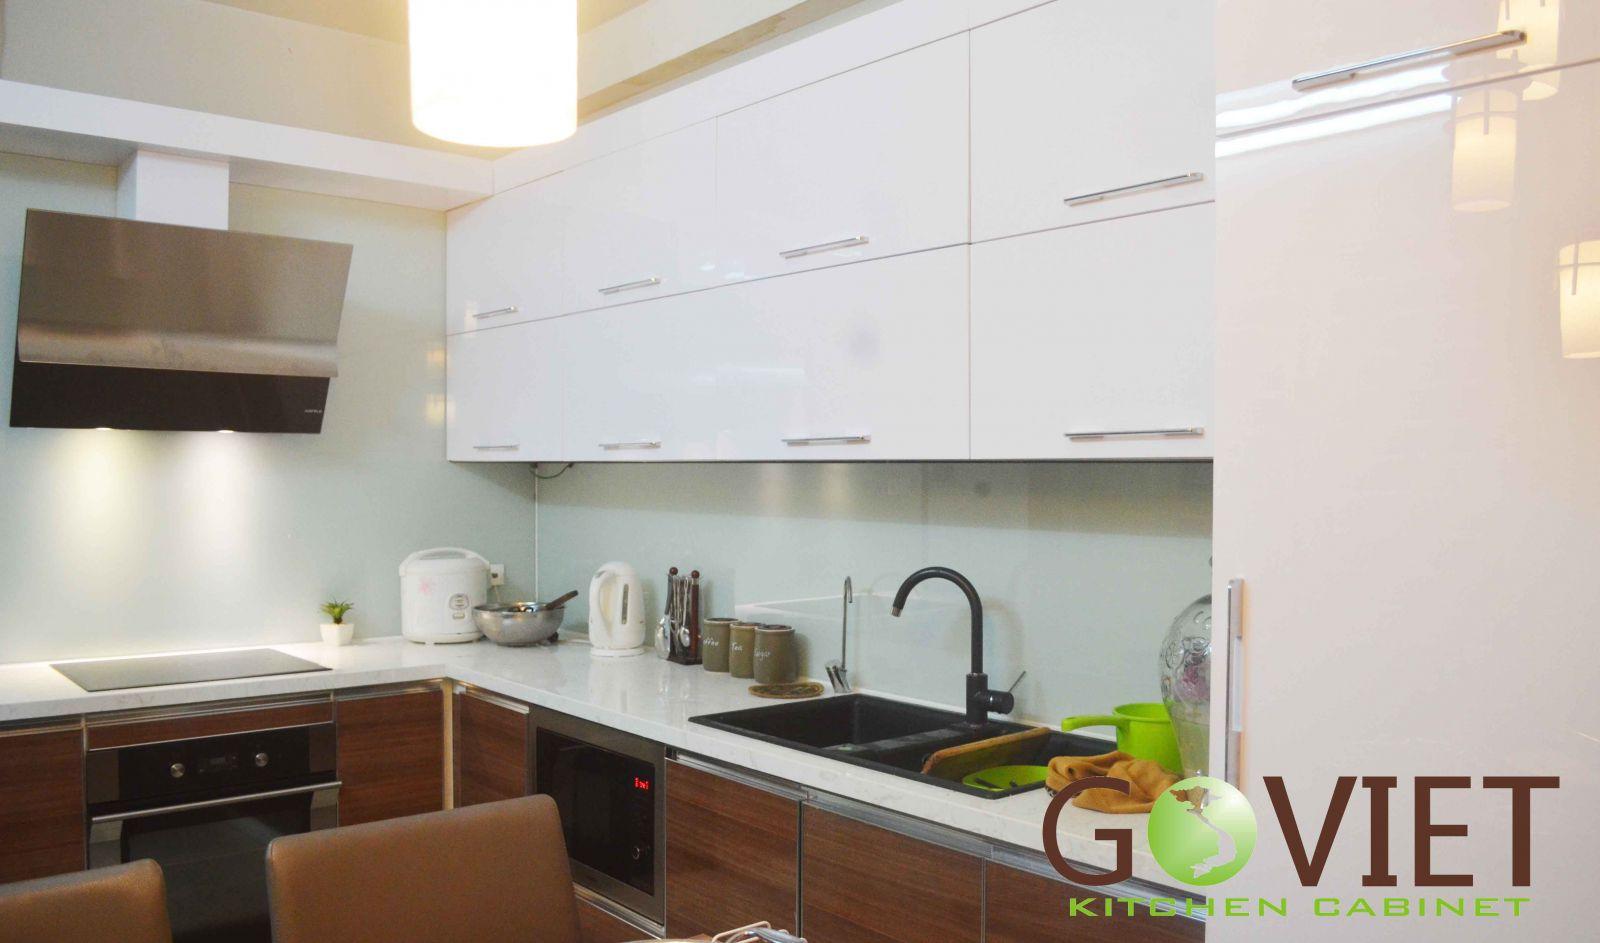 tủ bếp nhà anh Dũng - Duy Tân